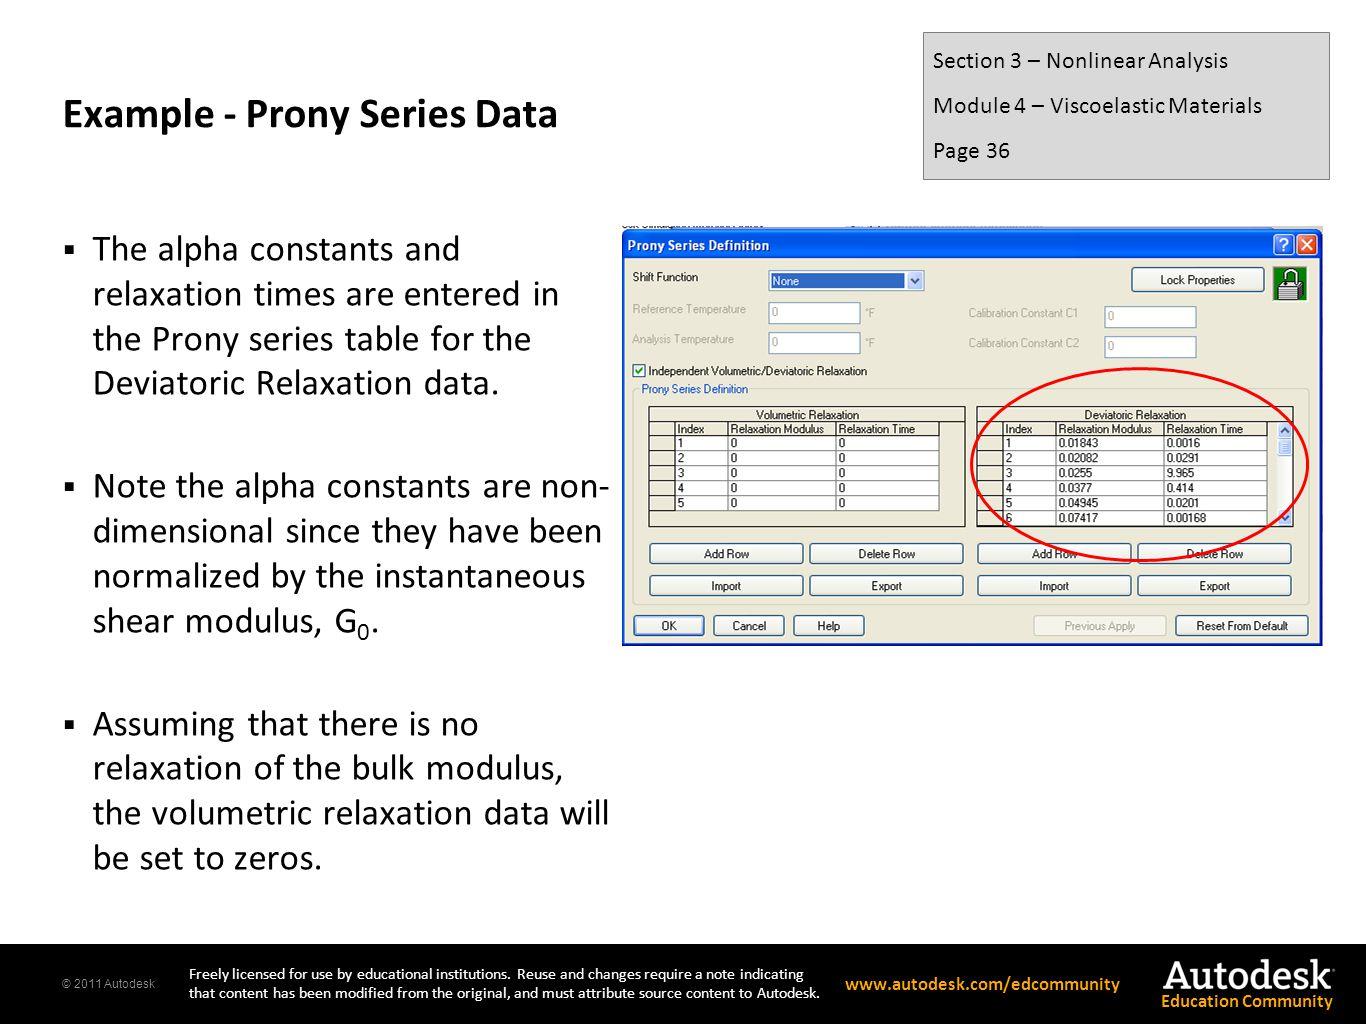 Example - Prony Series Data